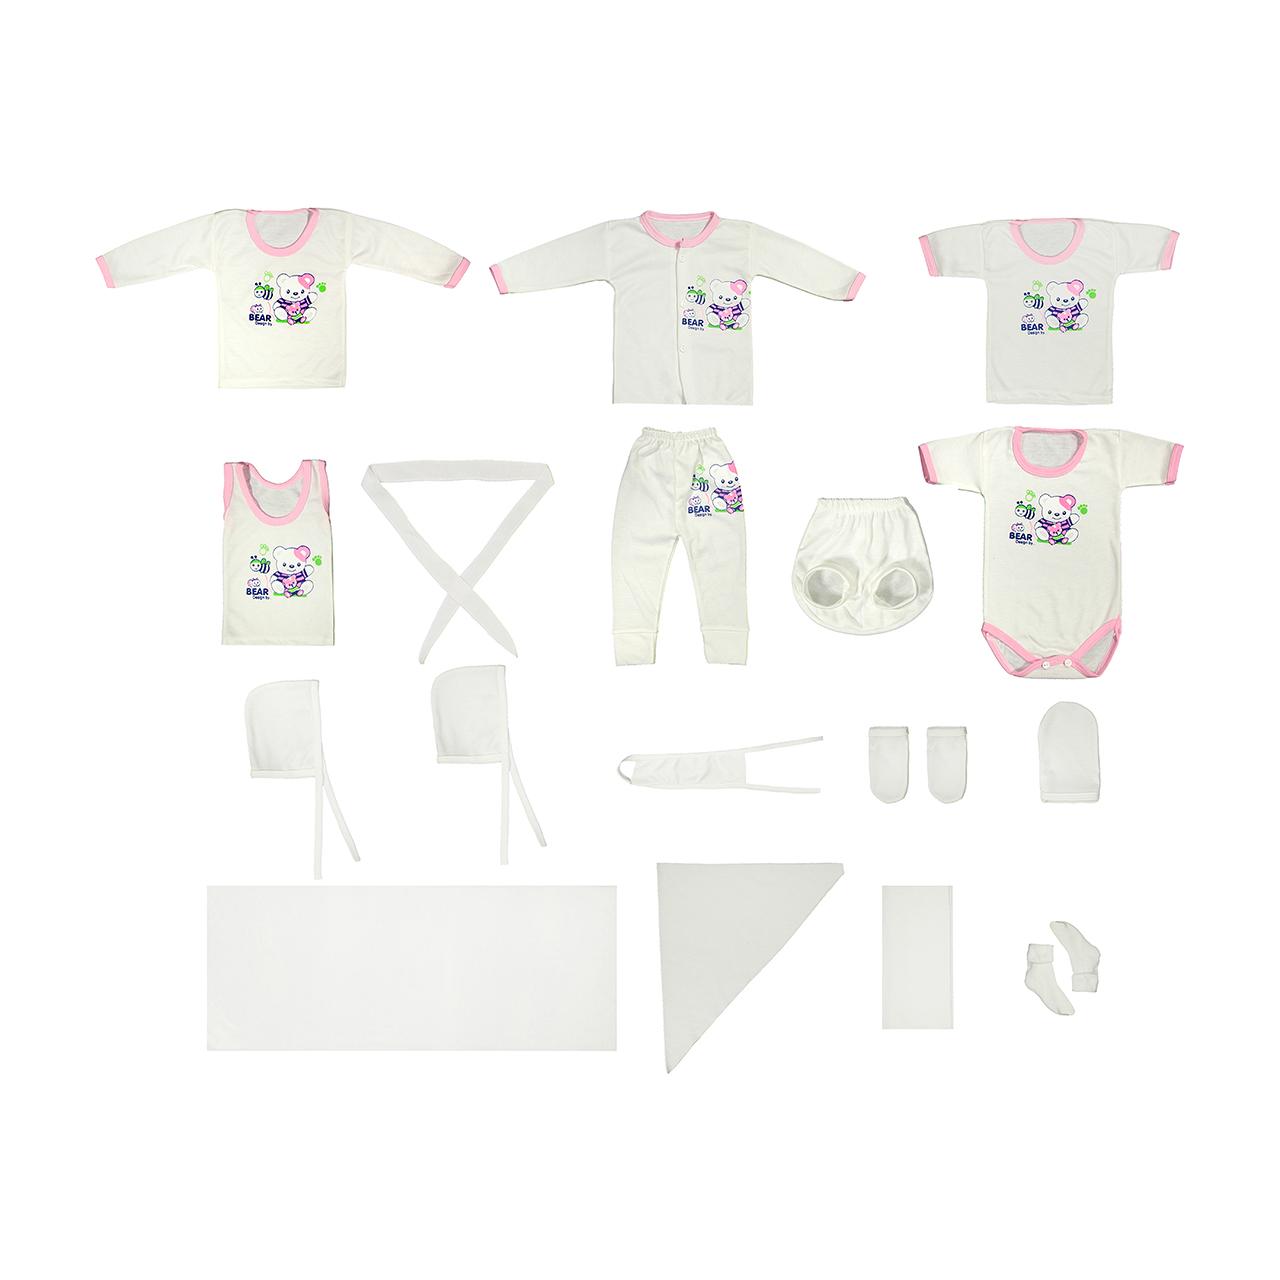 ست 20 تکه لباس نوزادی کد SU